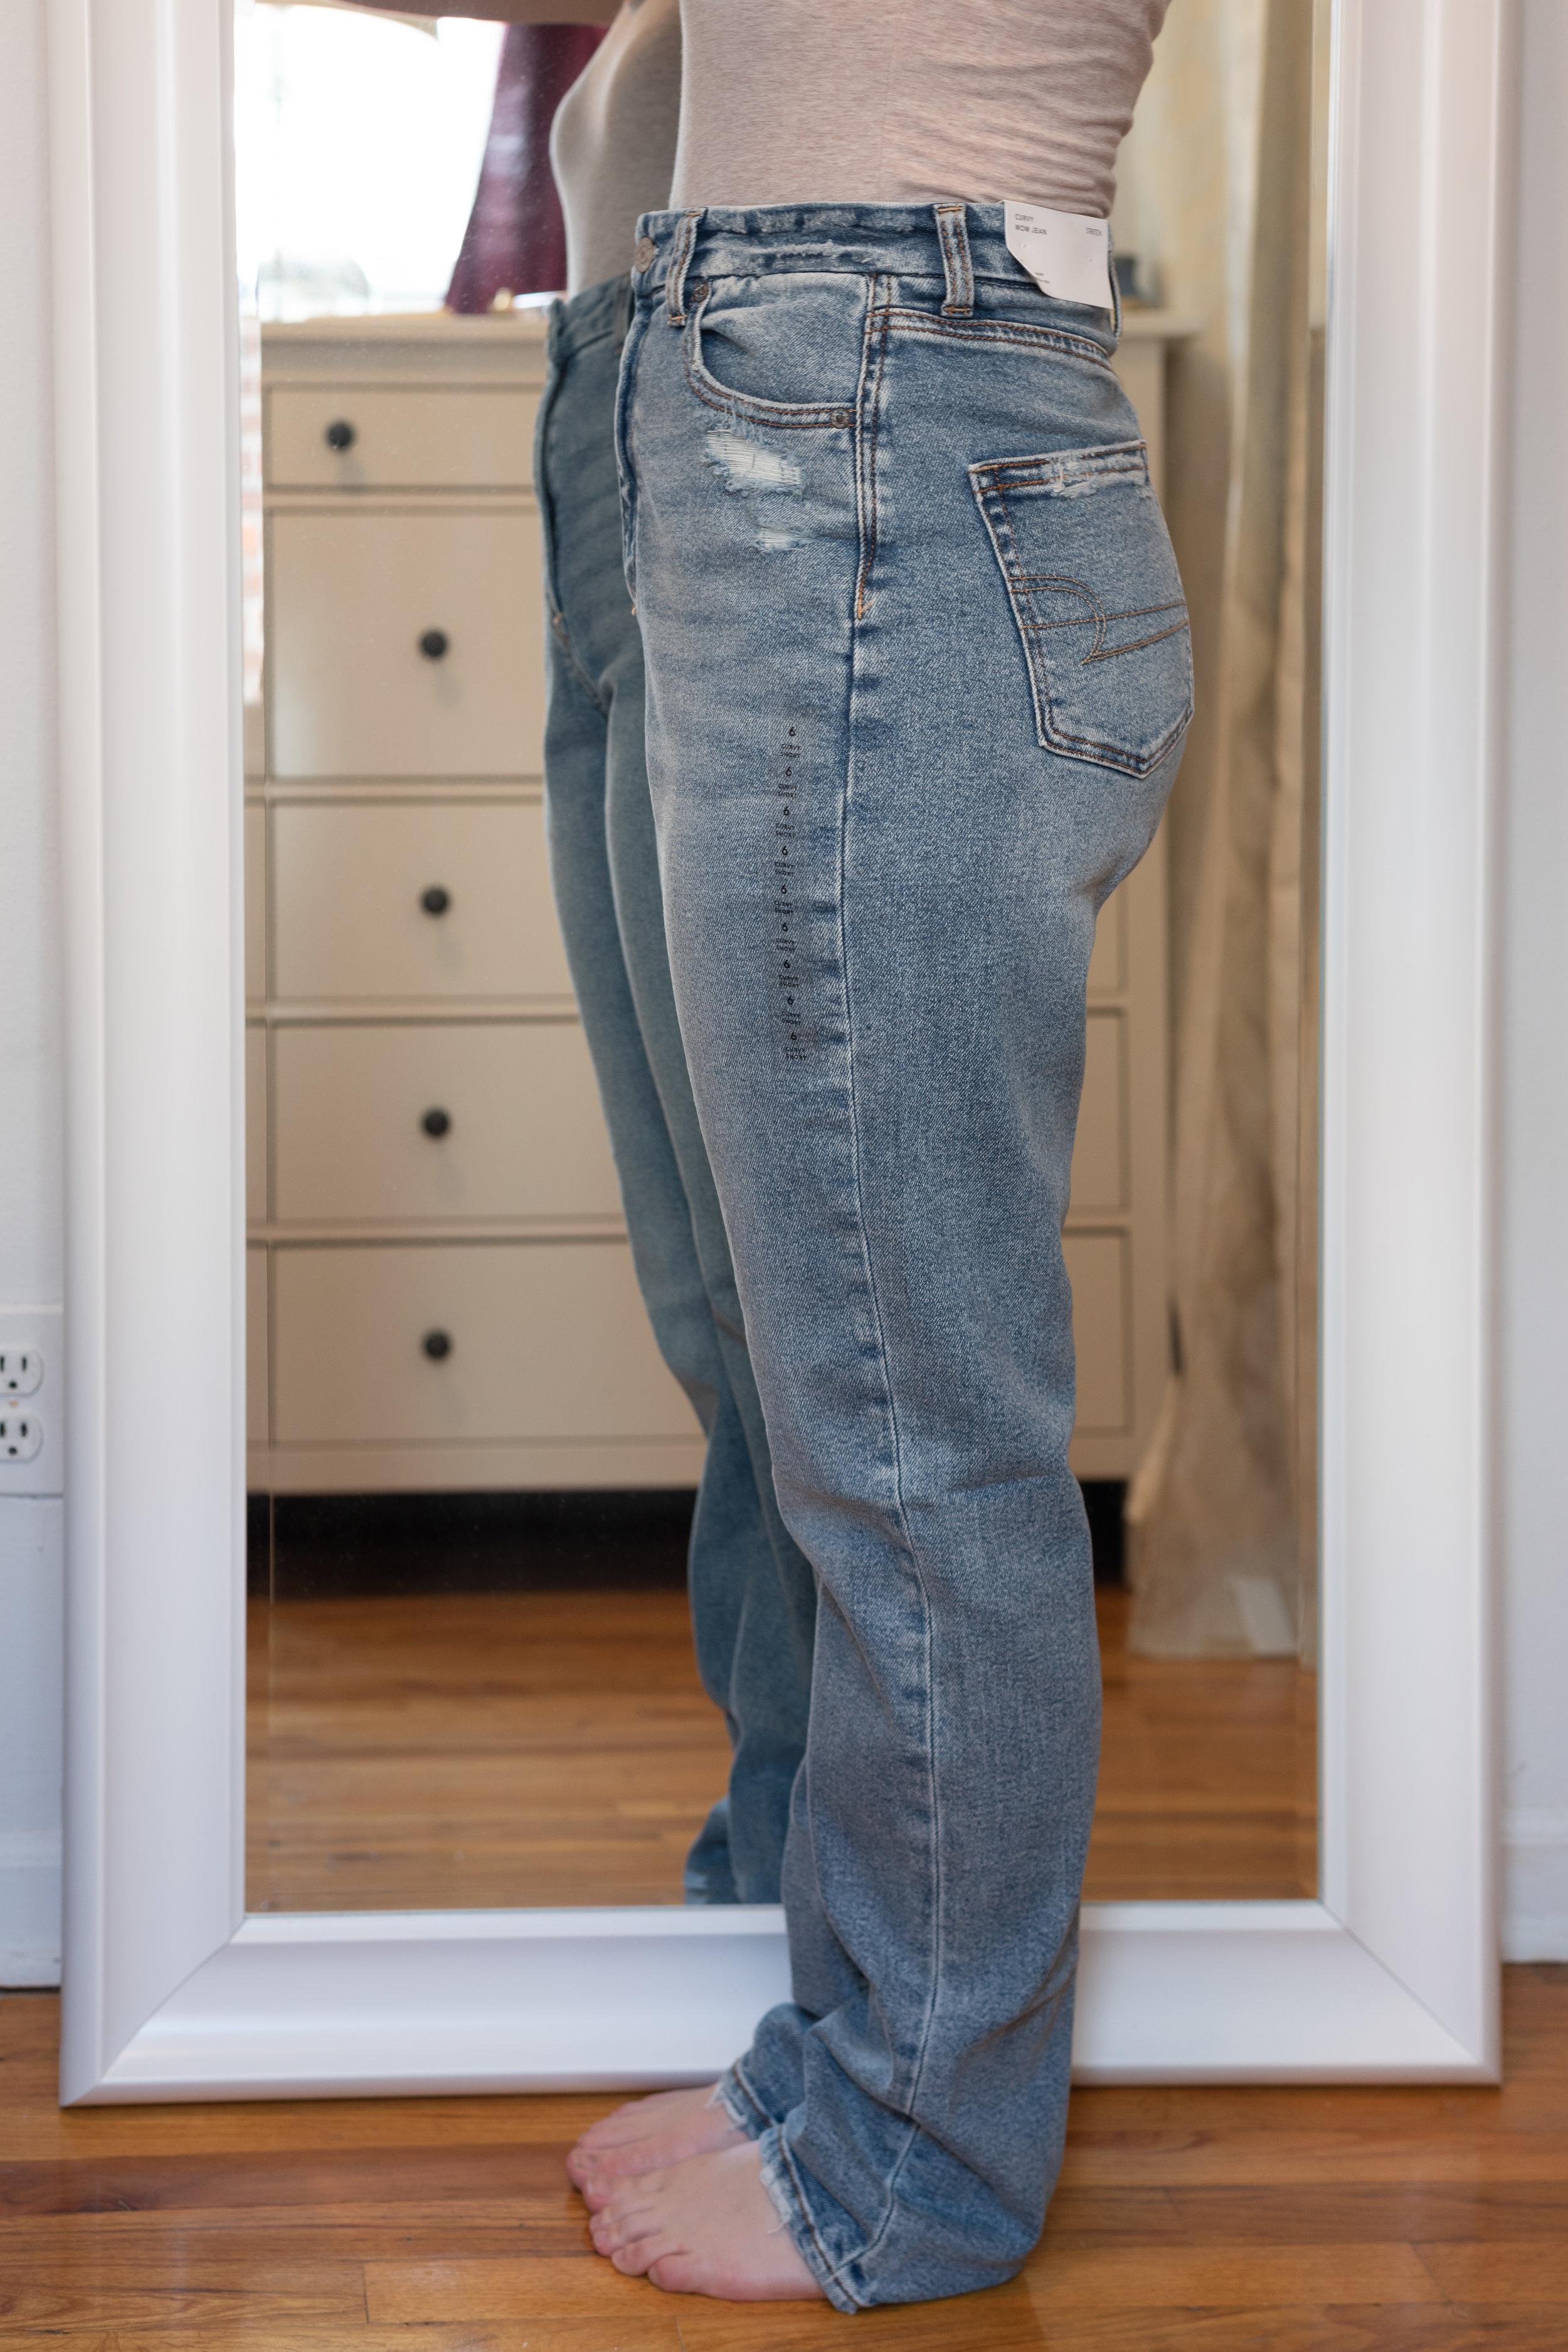 American Eagle Stretch Curvy Mom Jean - Size 6 Short